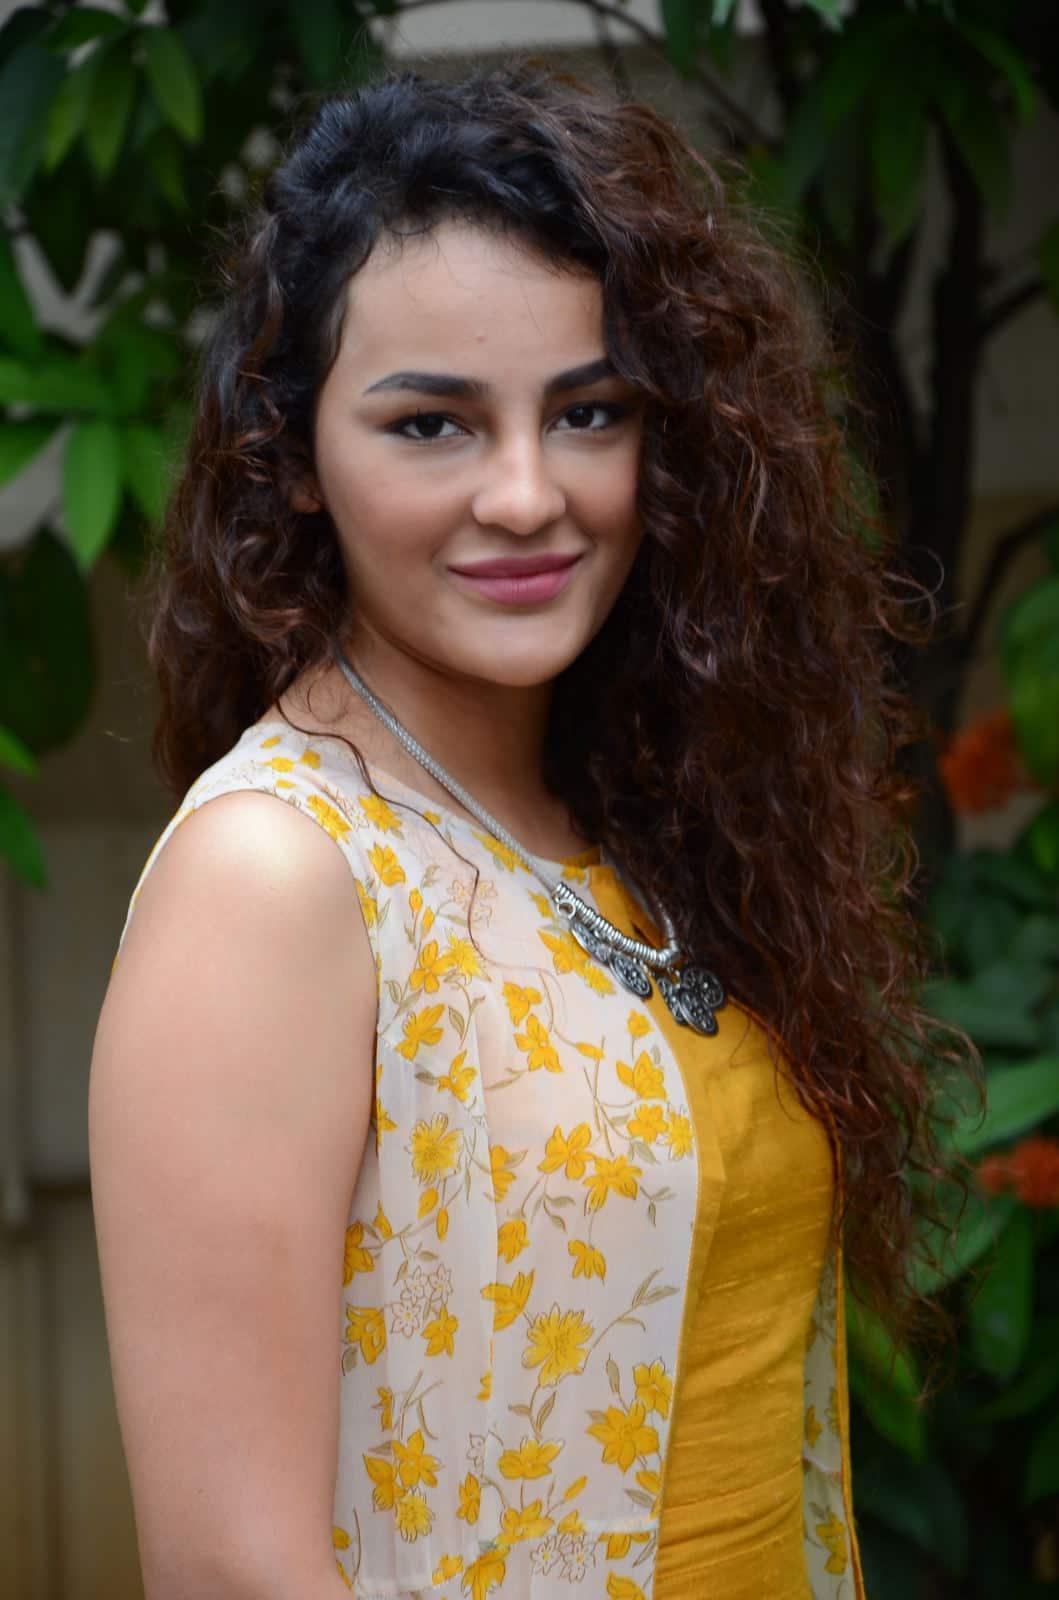 సీరత్ కపూర్ లేటెస్ట్ ఫోటో గ్యాలరీ